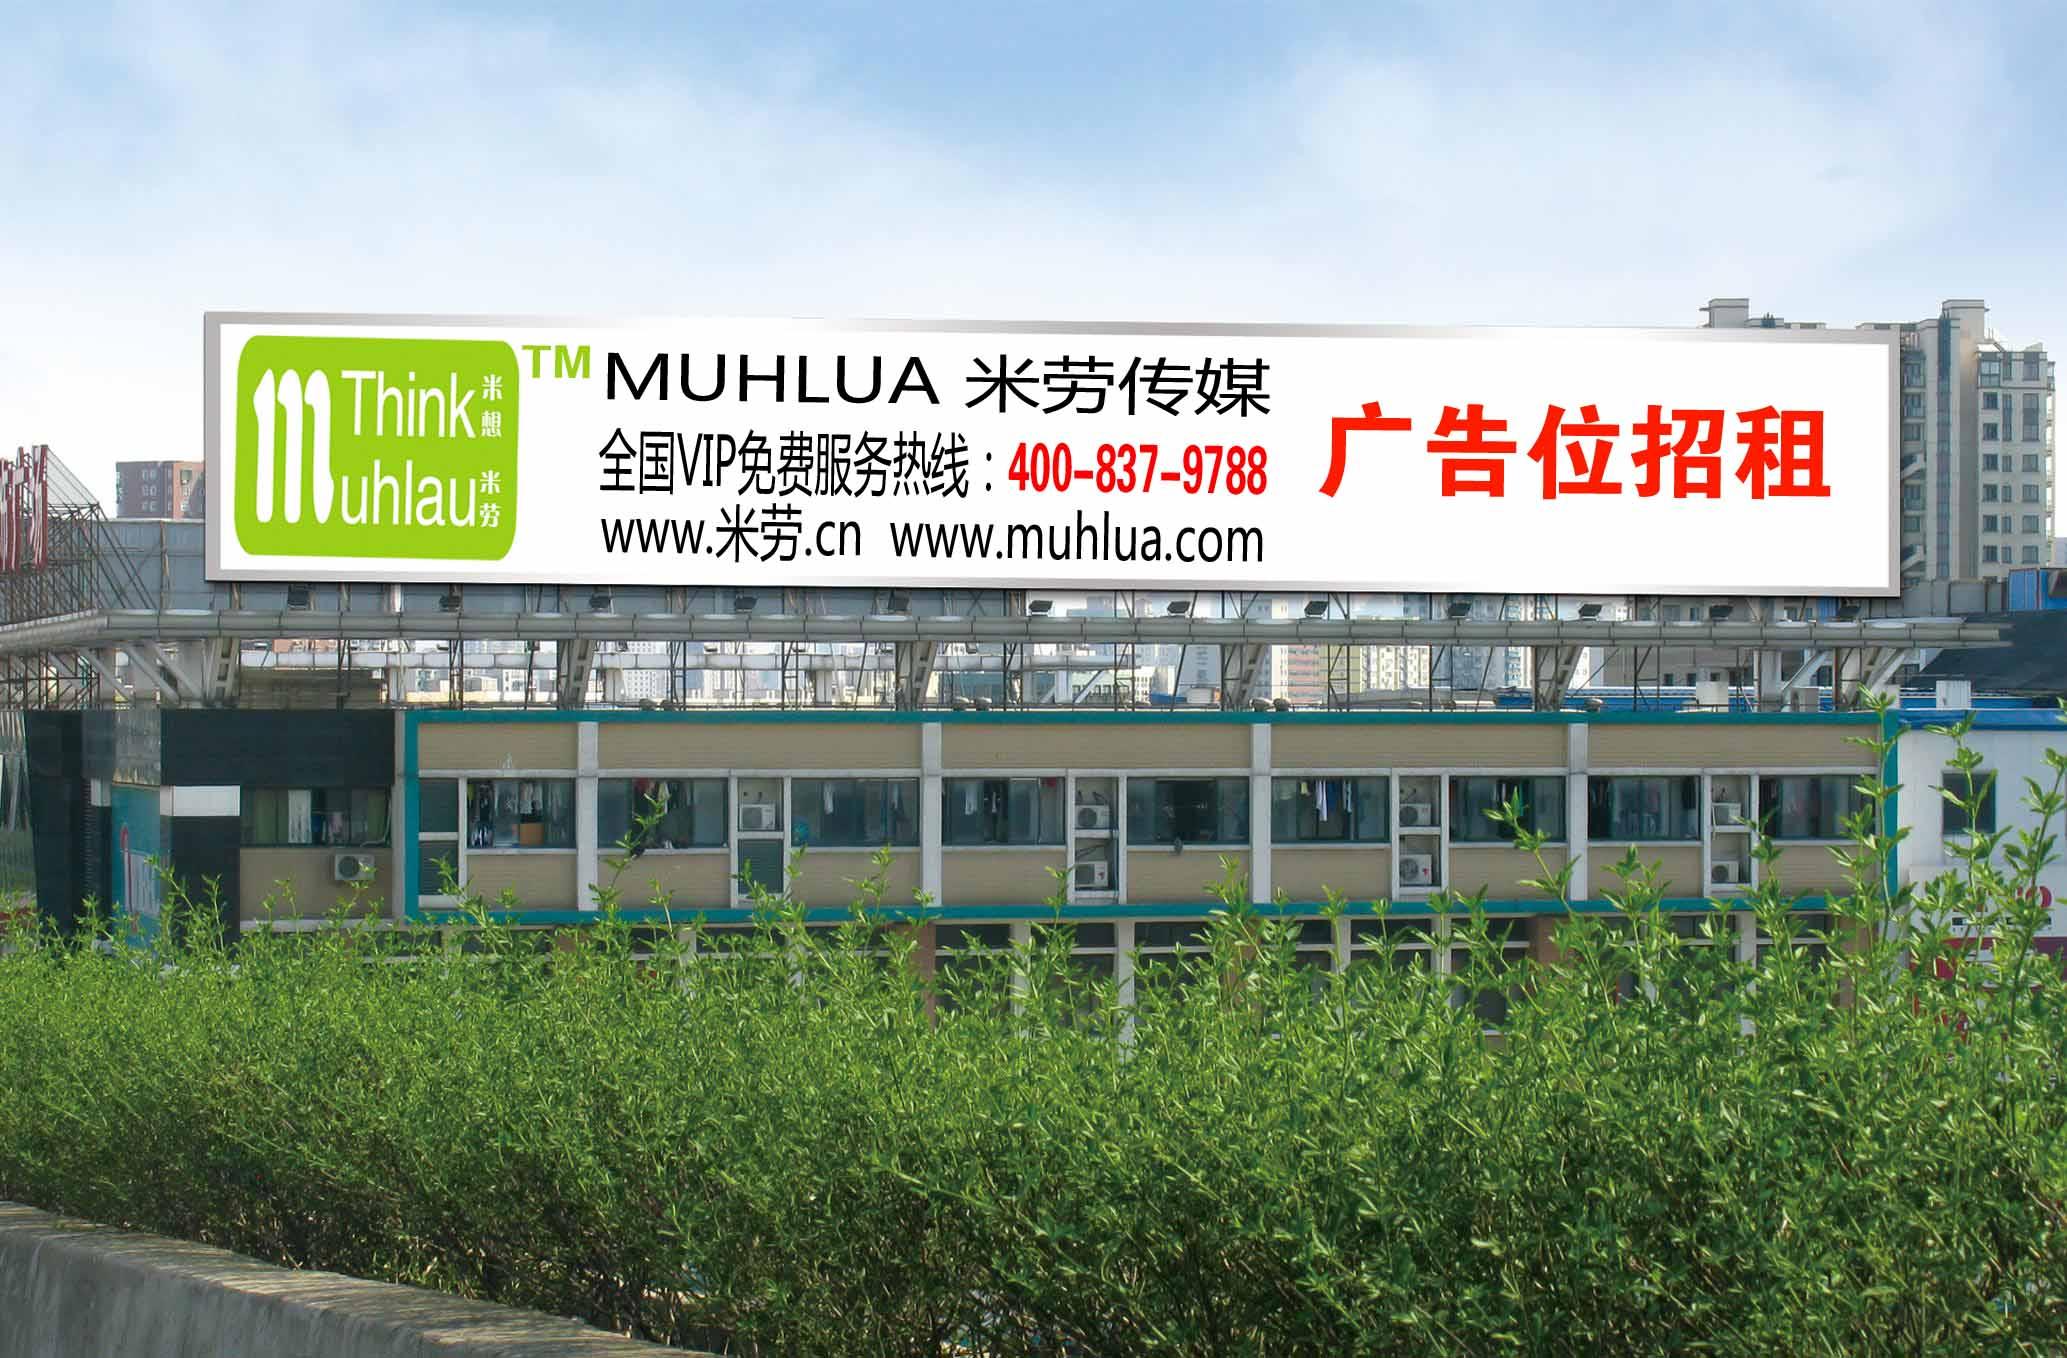 上海楼顶大牌媒体广告